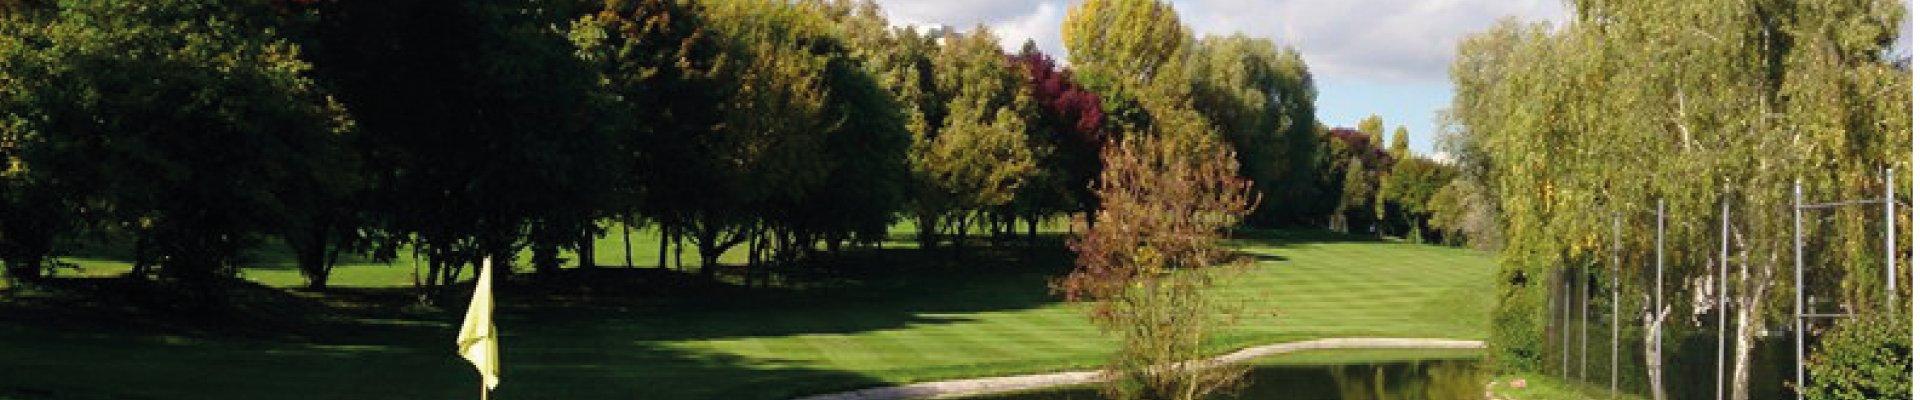 golf-de-rosny.jpg